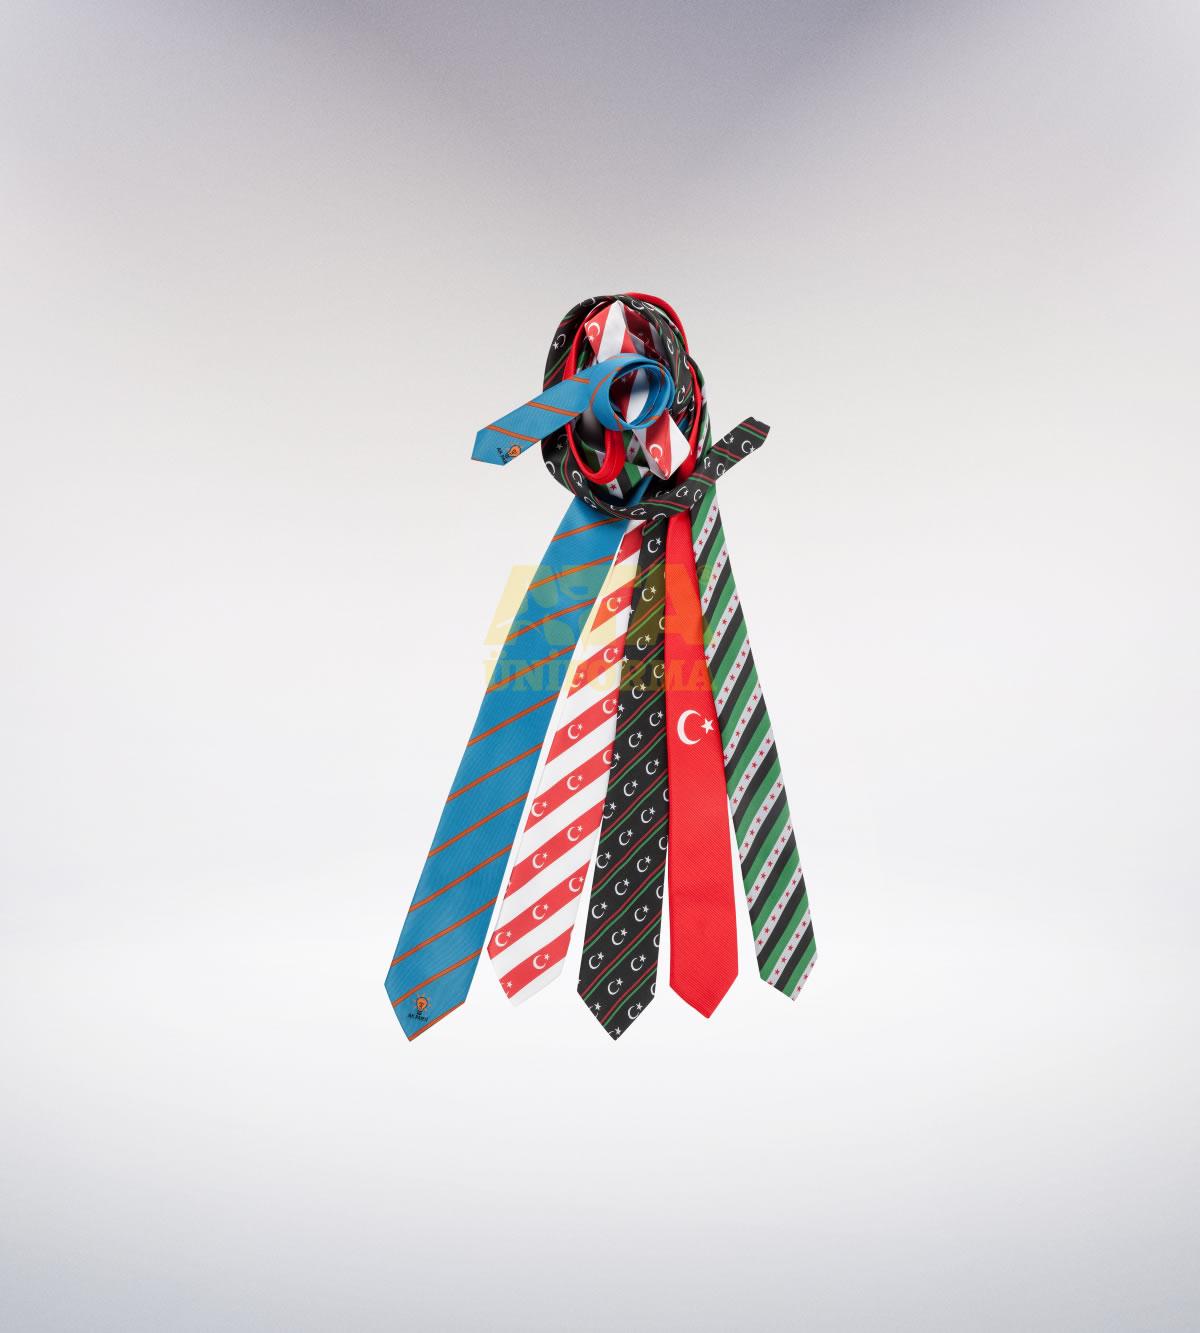 ATA-1074 Kaliteyi kravat giyim aksesuarları - iş elbiseleri | iş  üniformaları | iş kıyafetleri